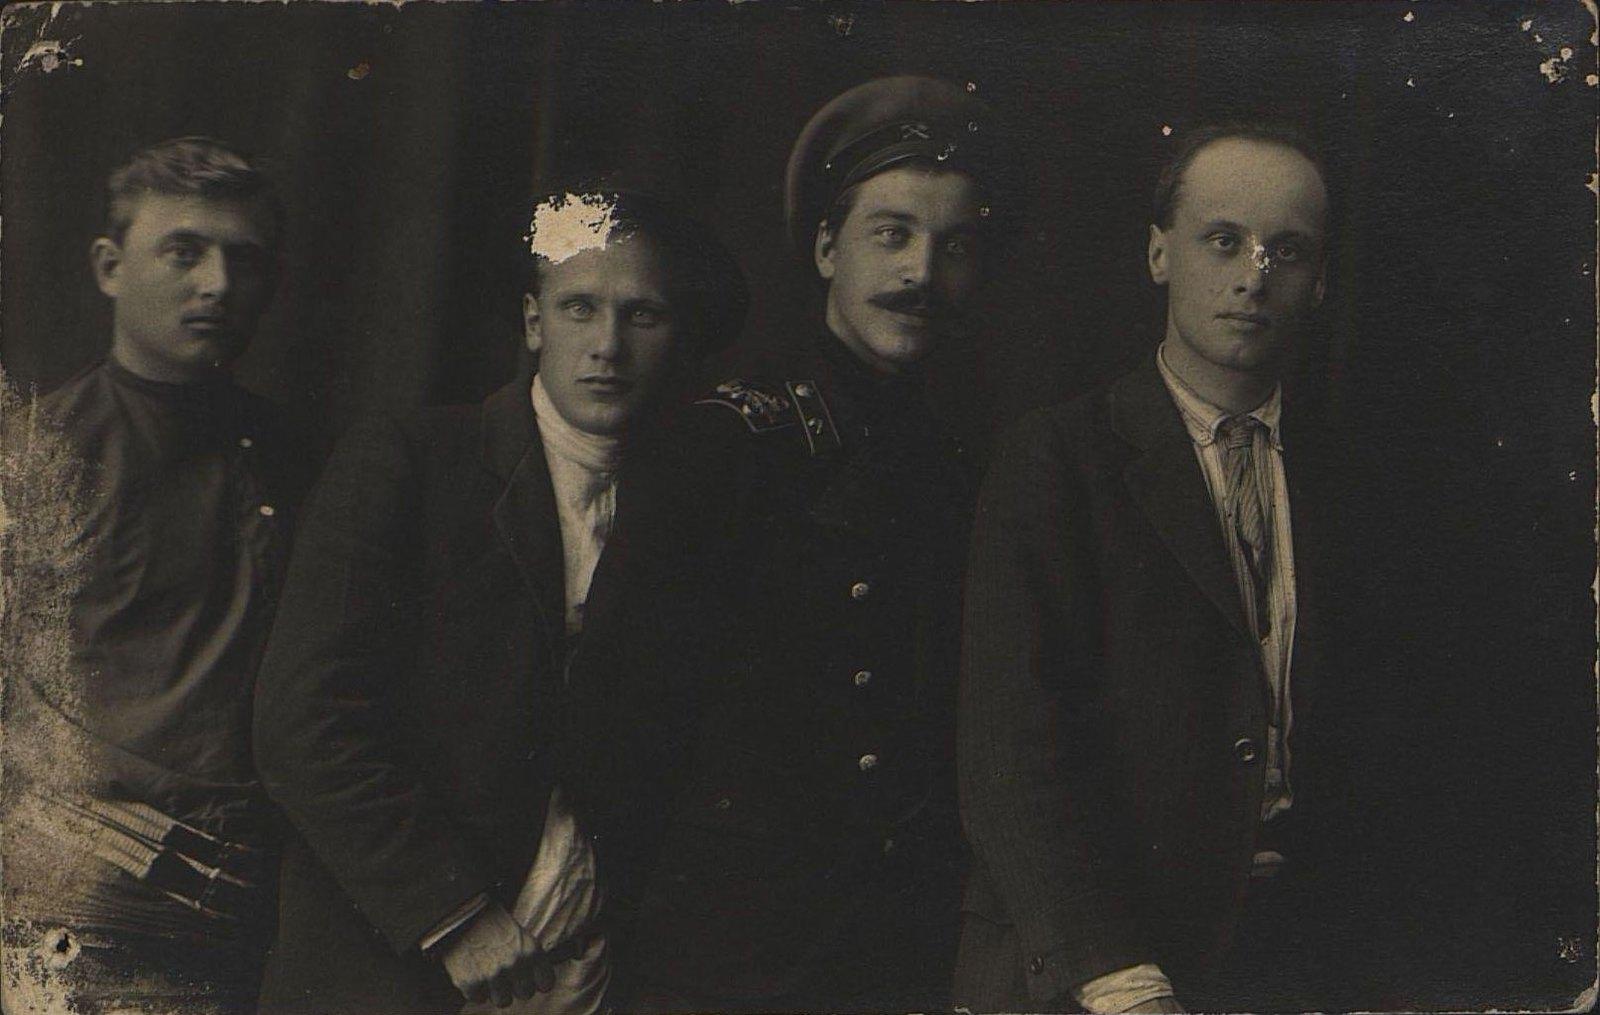 1900-е. Грибов Иван с товарищами в ссылке